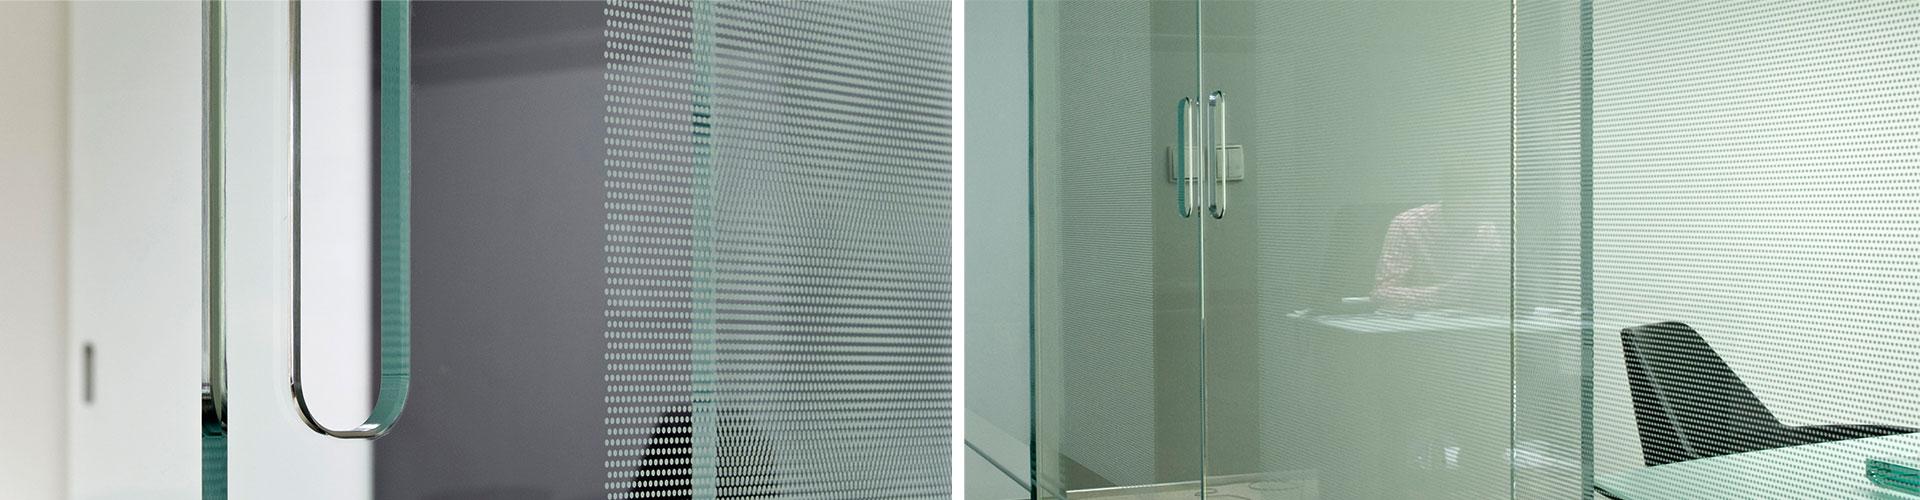 siebdruck digitaldruck glasraum glas f r den ladenbau und innenausbau. Black Bedroom Furniture Sets. Home Design Ideas